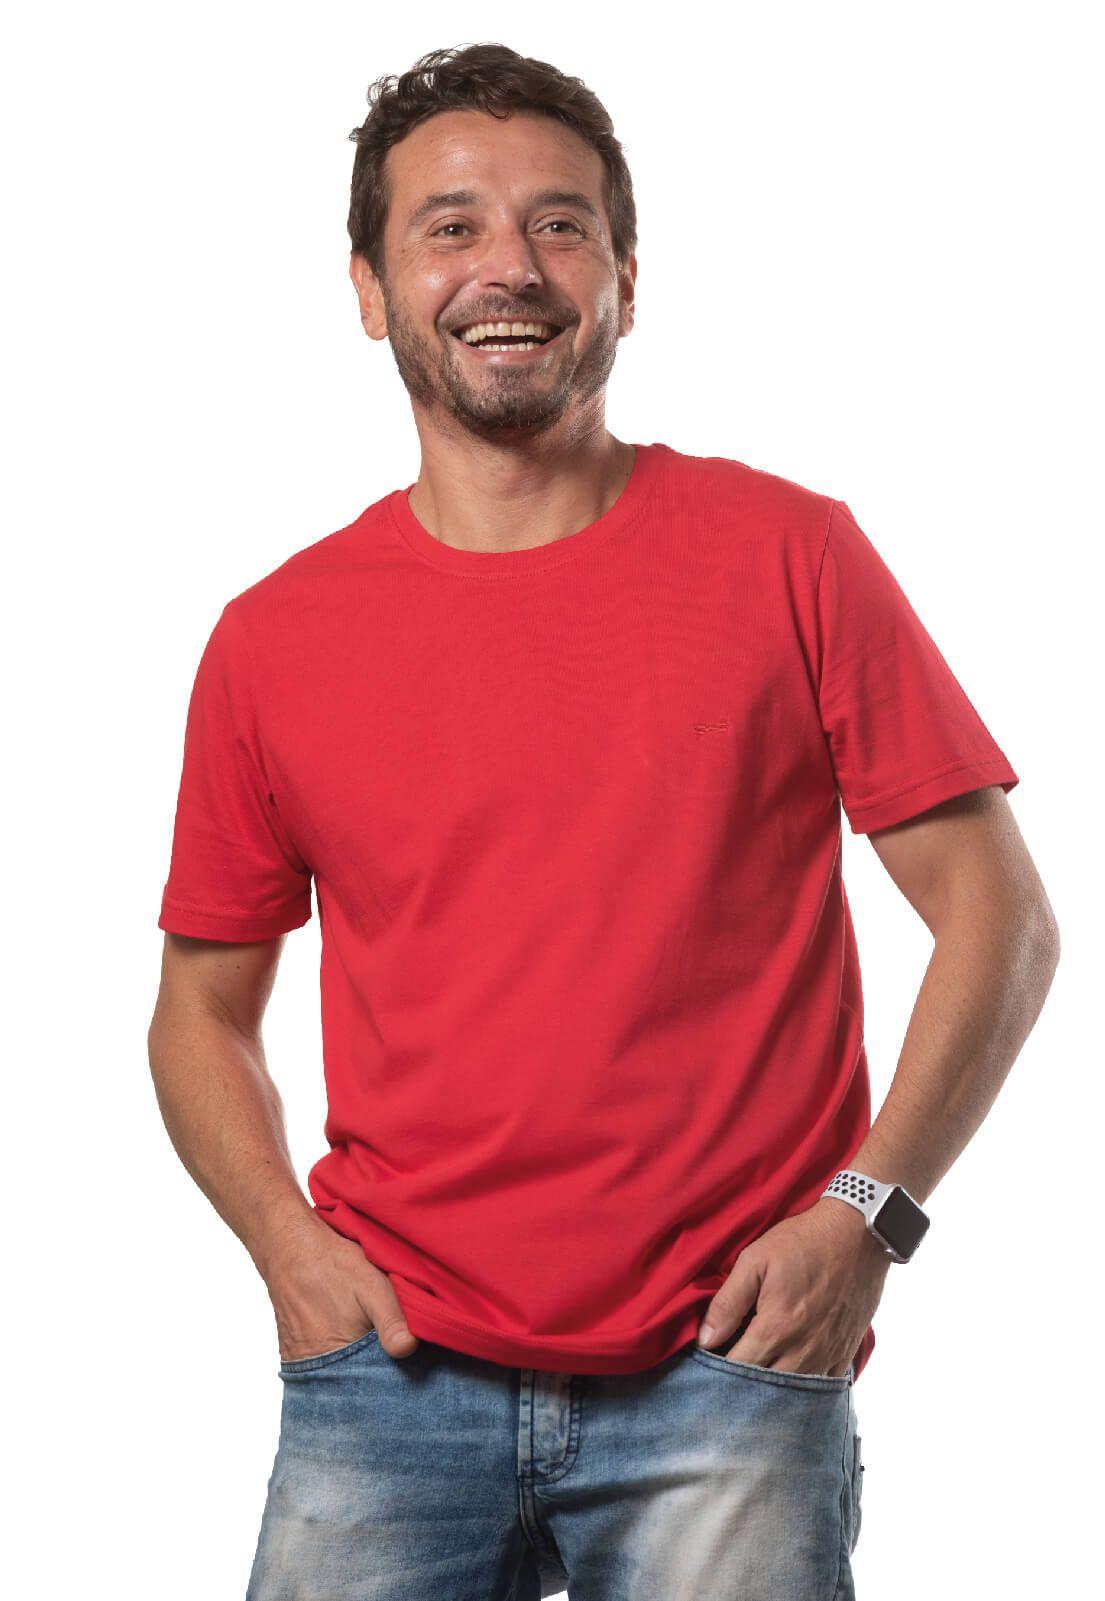 Camiseta Masculina 100% Algodão Super Premium, Na Cor Vermelha